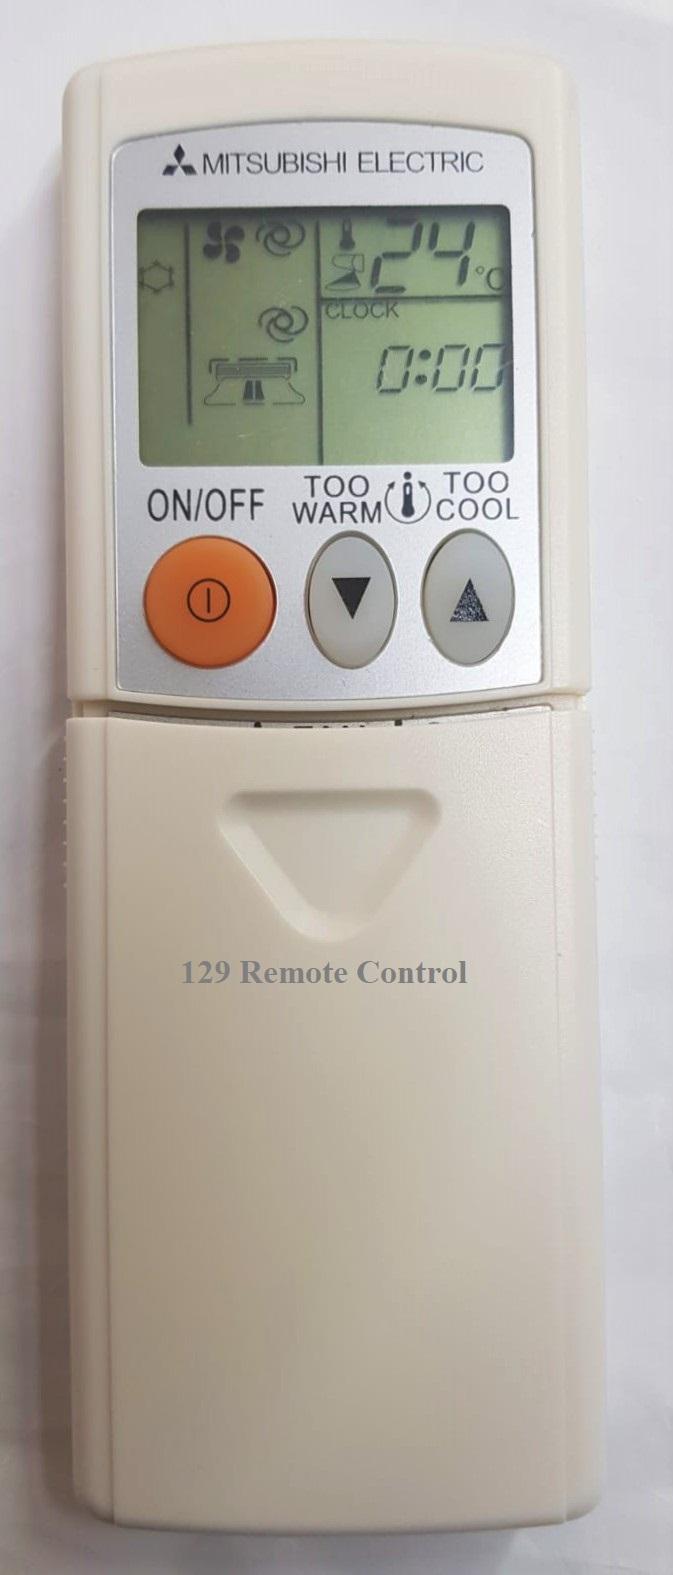 Mitsubishi AirCon Remote Control